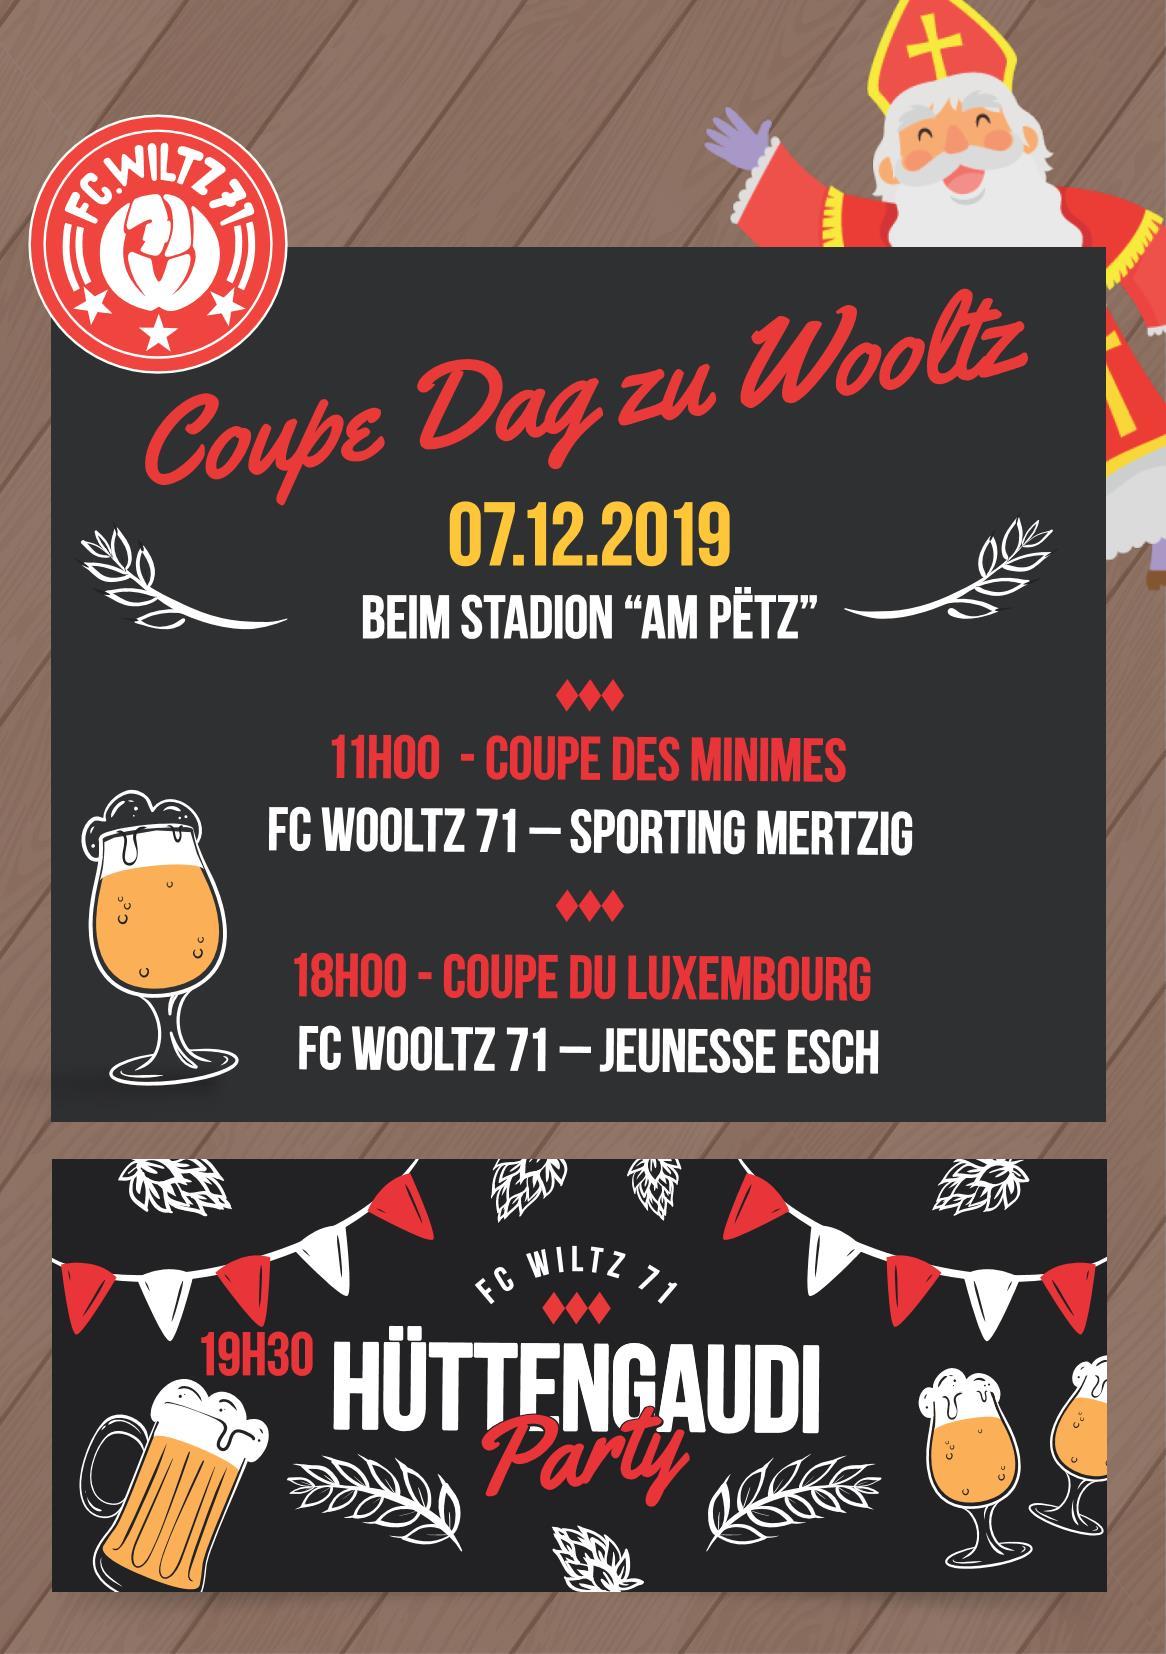 07/12/19 - Coupe Dag - Hüttengaudi Party